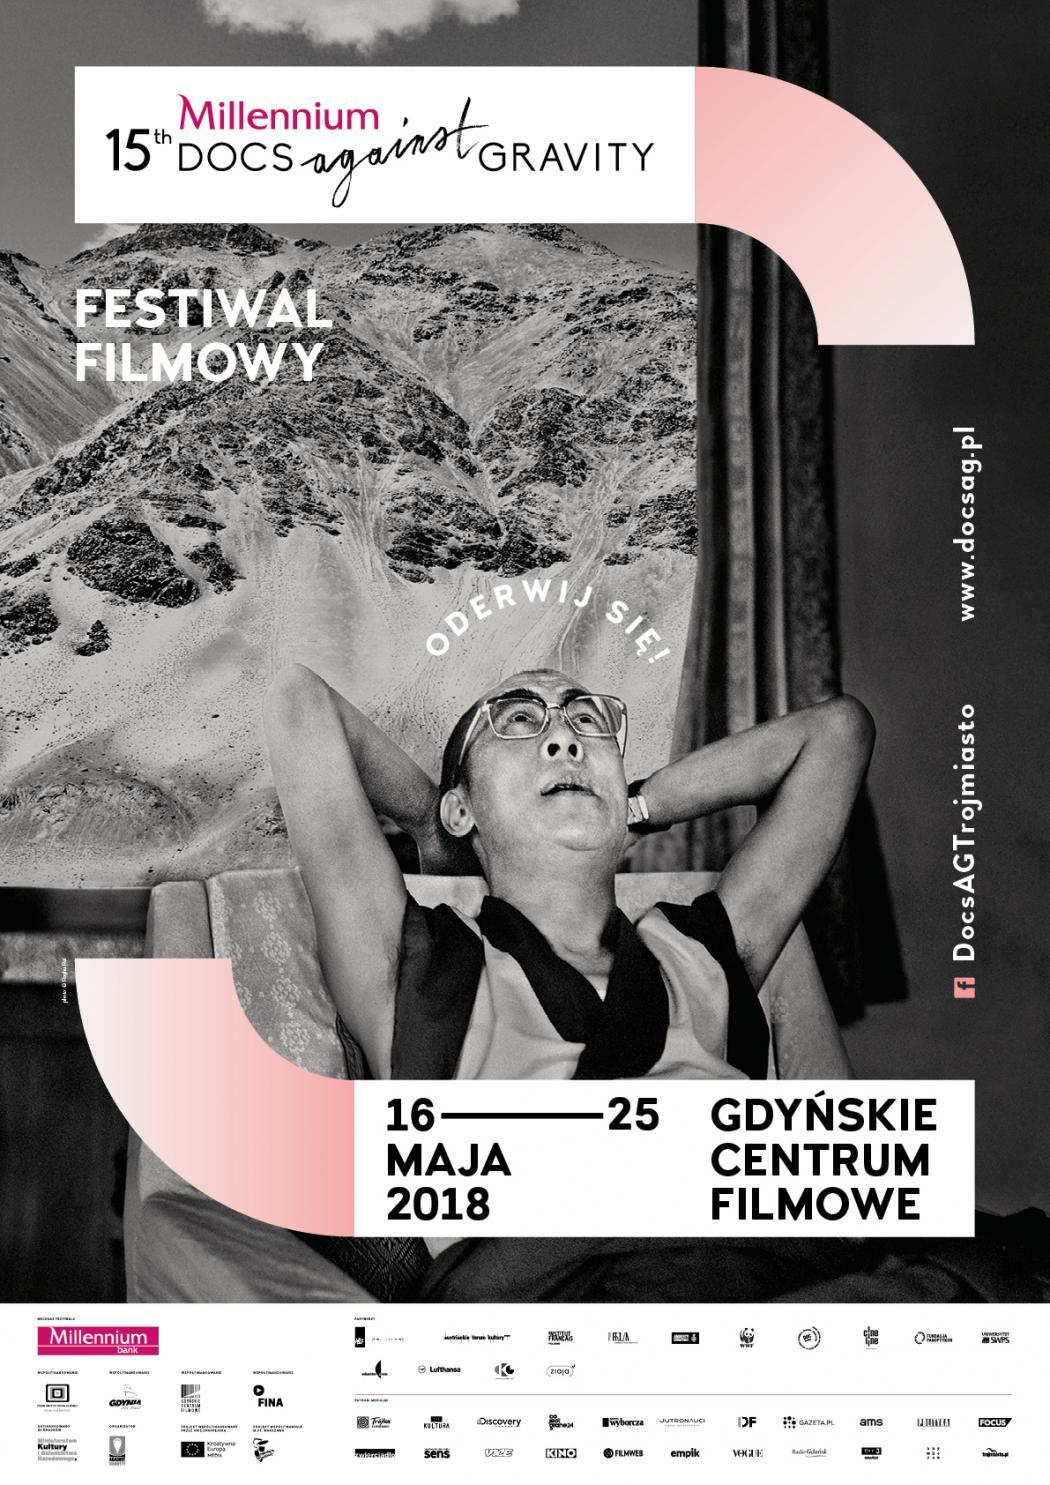 magazynkobiet.pl - DocsAG plakat 1050x1485 - 15. festiwal filmowy Millennium Docs Against Gravity po raz trzeci w Gdyni